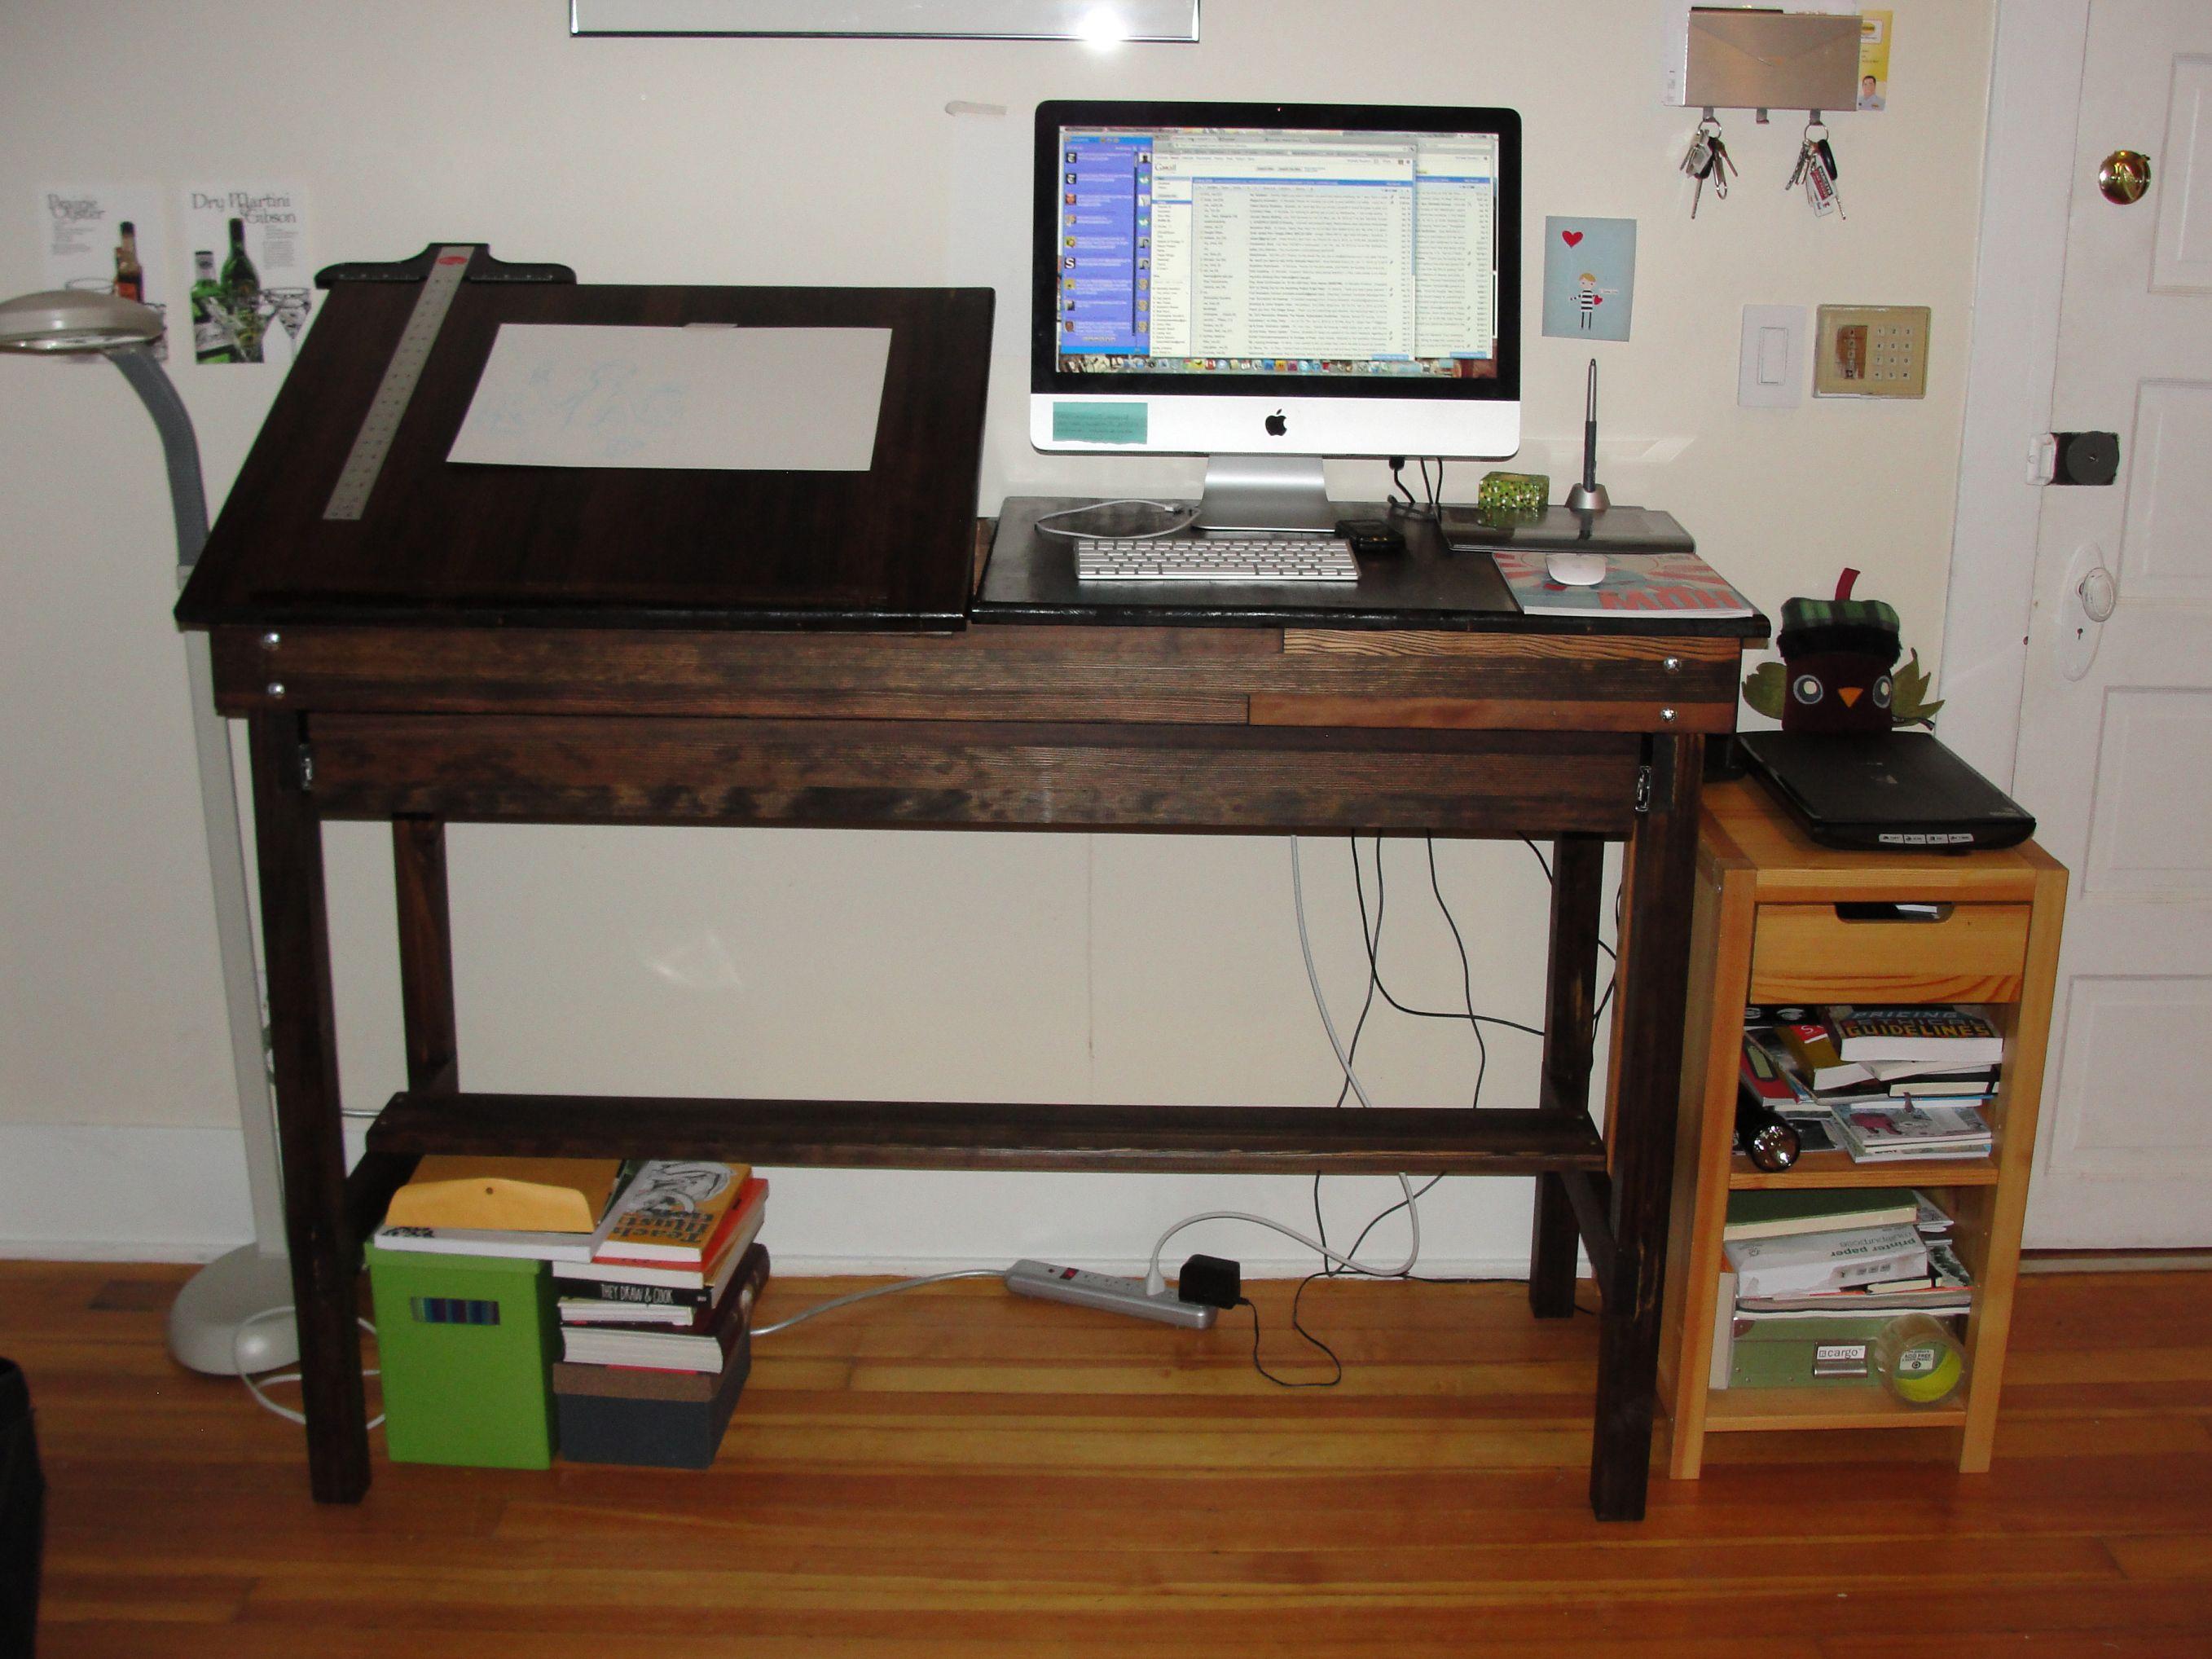 Drafting Table Standing Desk Best Ergonomic Desk Chair Check More - Drafting table standing desk